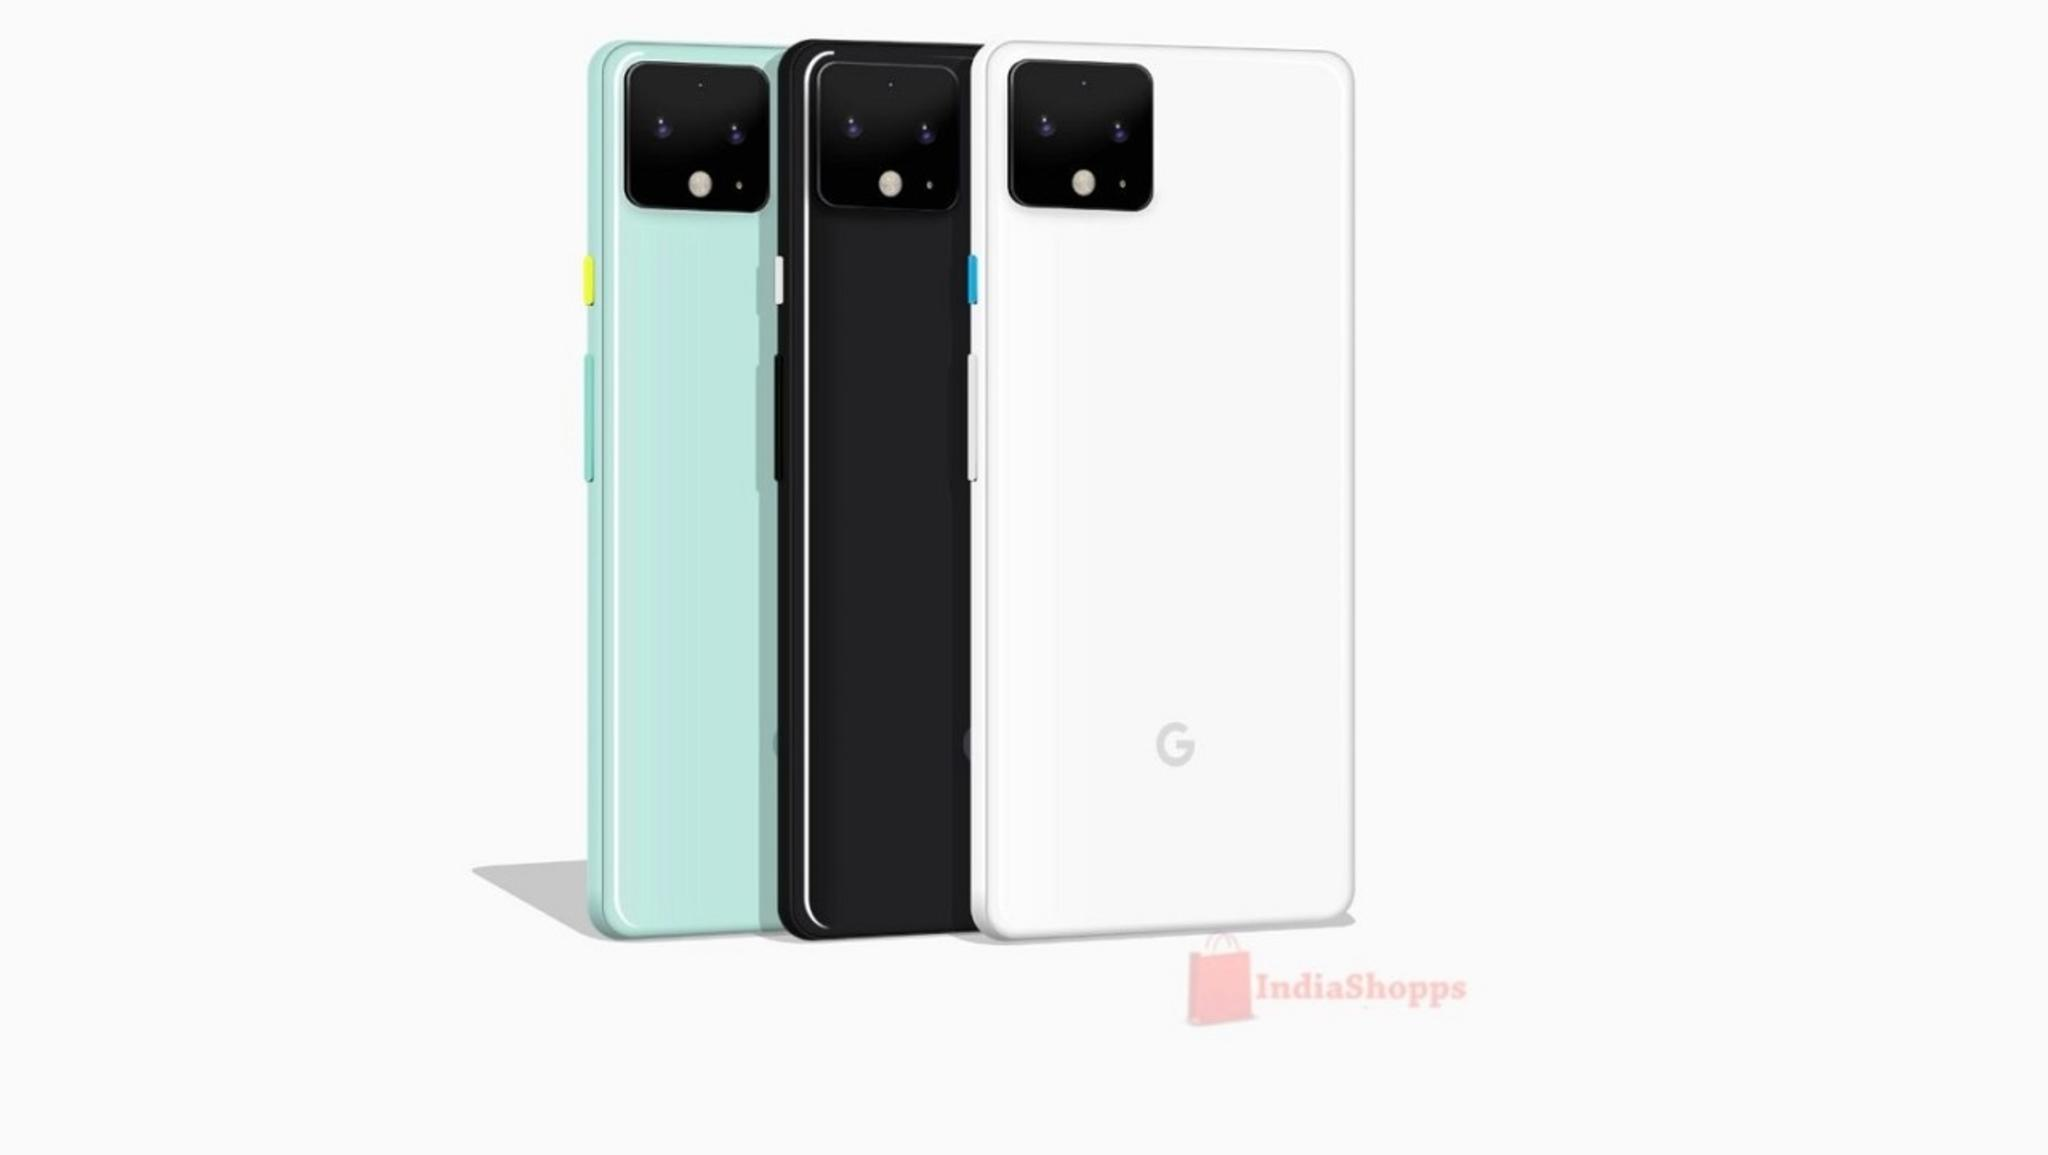 Das Google Pixel 4 wird erst in ein paar Monaten Premiere feiern. Über das Design des Smartphones ist aber schon jetzt viel bekannt.